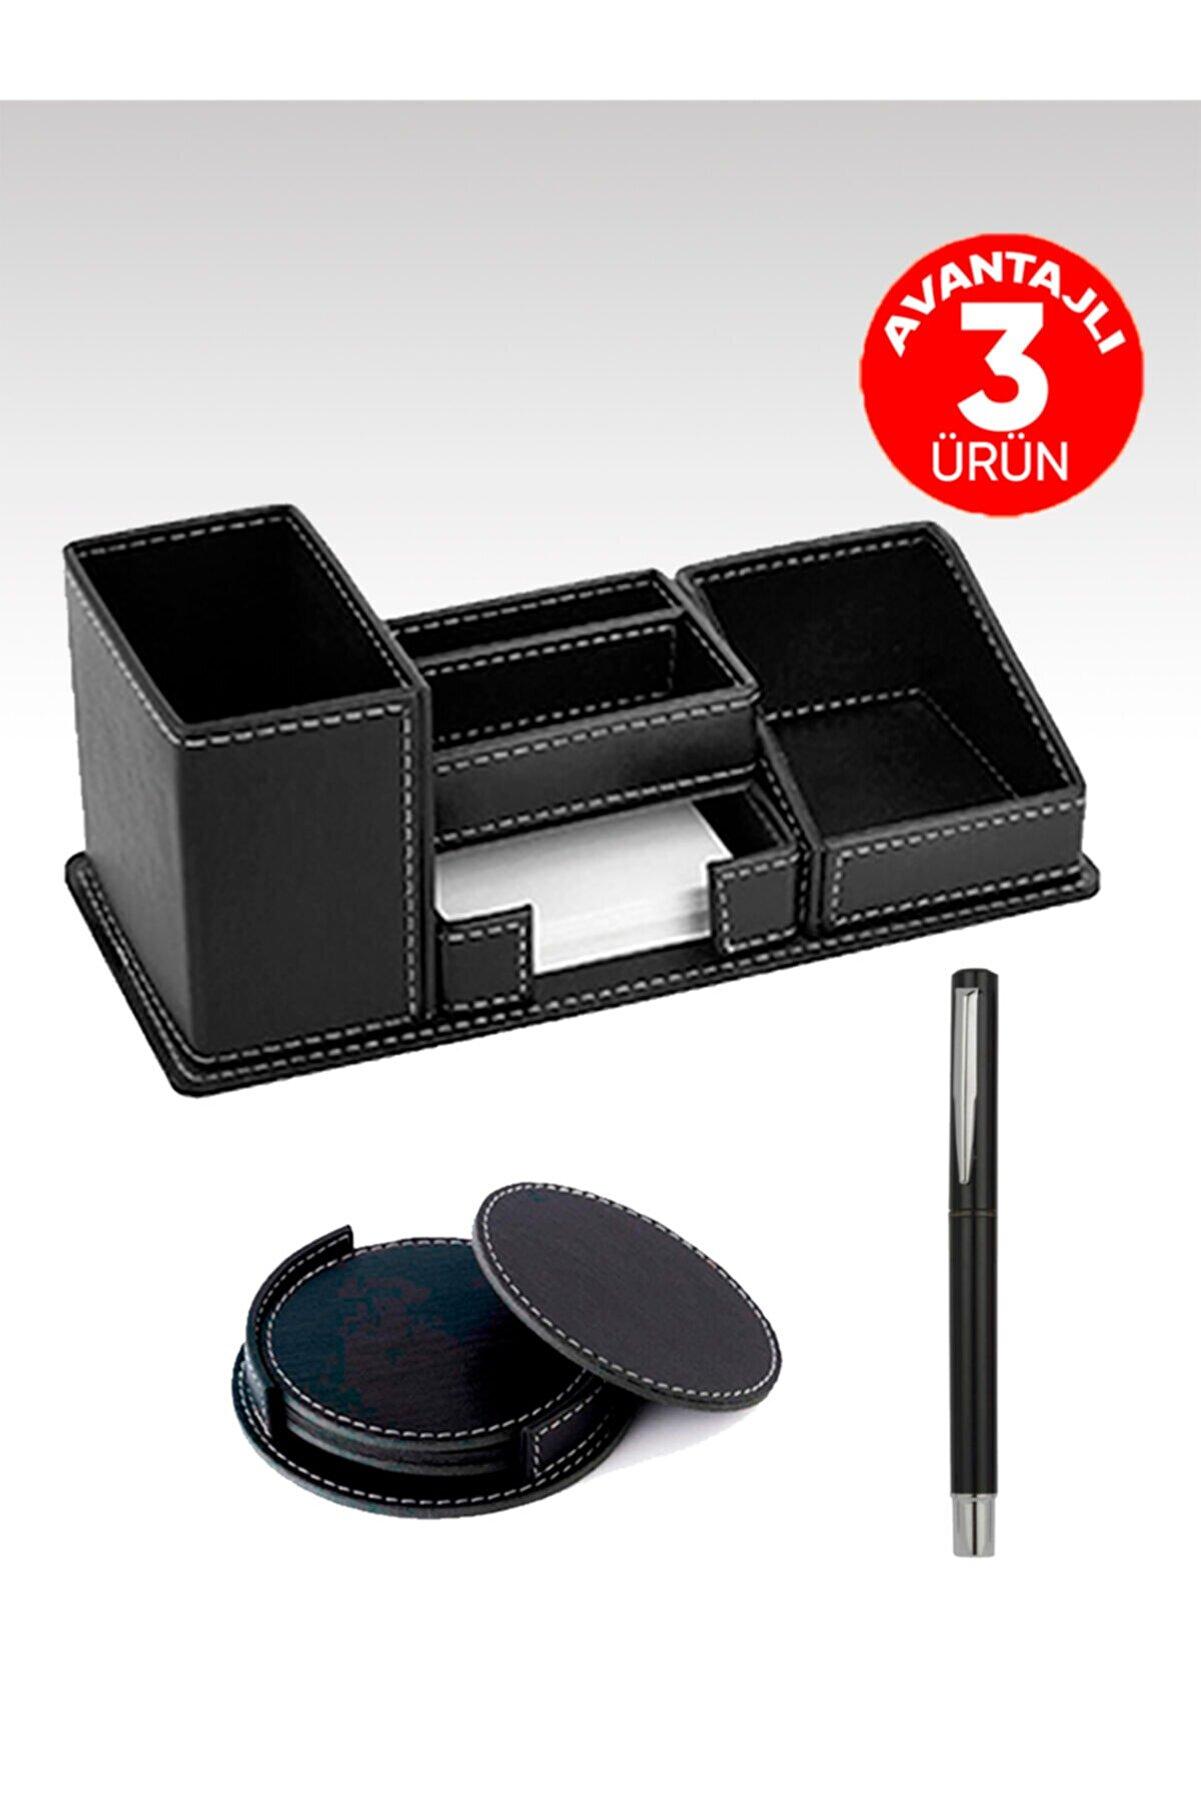 EGESTA Suni Deri Kalemlik Set - 4'lü Deri Bardak Altlığı + Roller Imza Kalemi Hediyeli